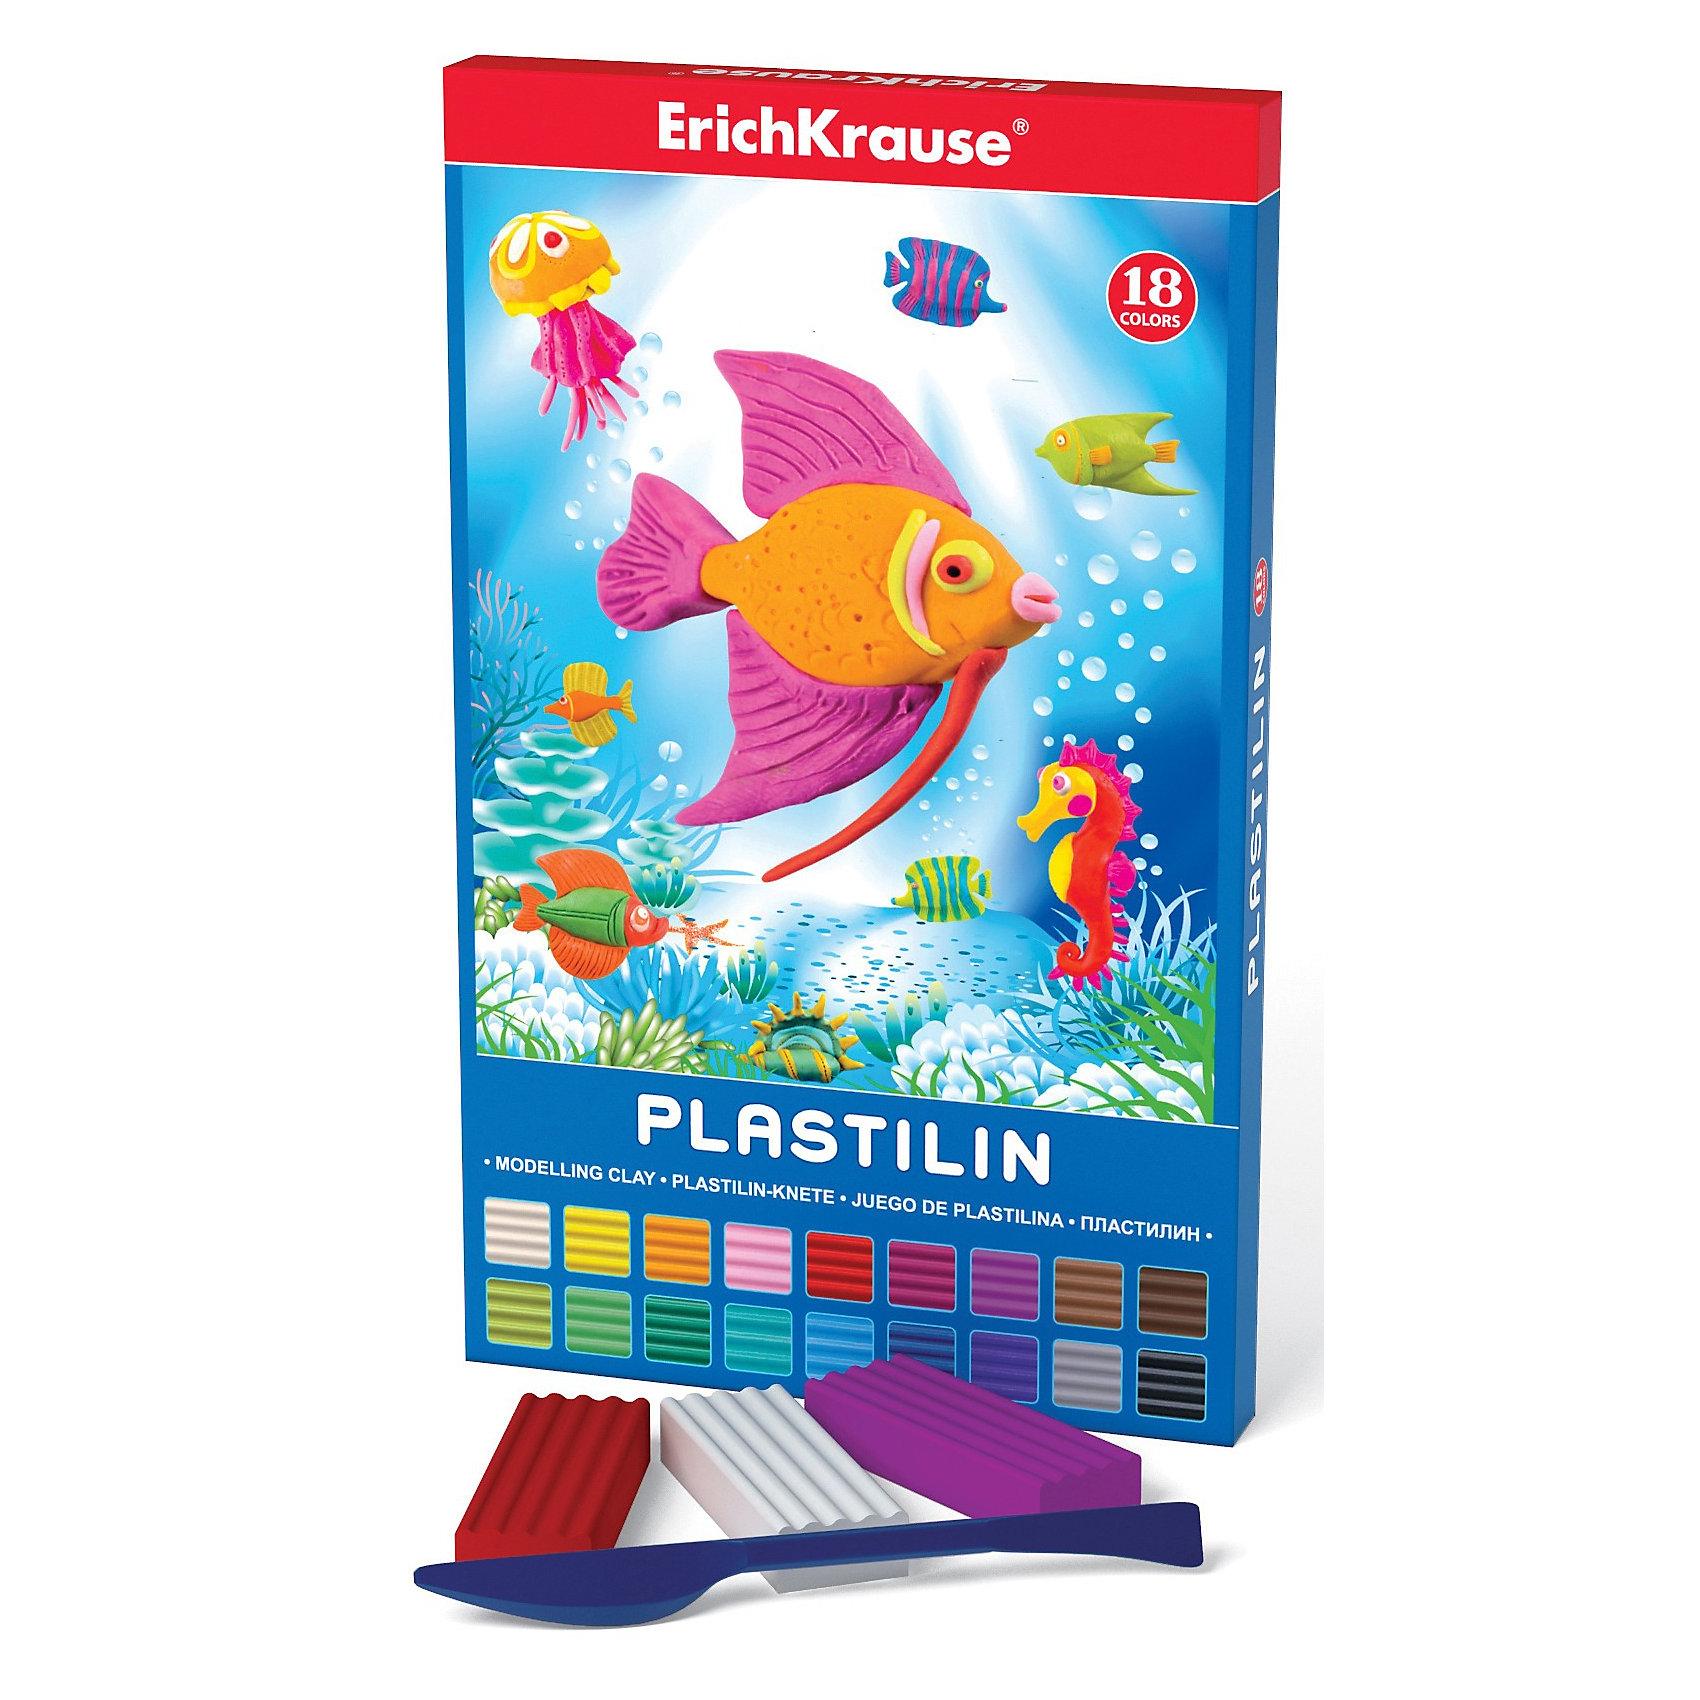 Пластилин со стеком, 18 цвЛепка<br>Пластилин со стеком, 18 цв Erich Krause (Эрих Краузе) это школьный пластилин, который производится на основе безопасных для Вашего малыша компонентов!Сохраняет свою форму, не застывает на воздухе. Бруски пластилина уложены в пластиковый прозрачный поддон, обеспечивающий сохранность внешнего вида и потребительских свойств.<br><br>Ширина мм: 150<br>Глубина мм: 15<br>Высота мм: 200<br>Вес г: 383<br>Возраст от месяцев: 36<br>Возраст до месяцев: 144<br>Пол: Унисекс<br>Возраст: Детский<br>SKU: 3293882